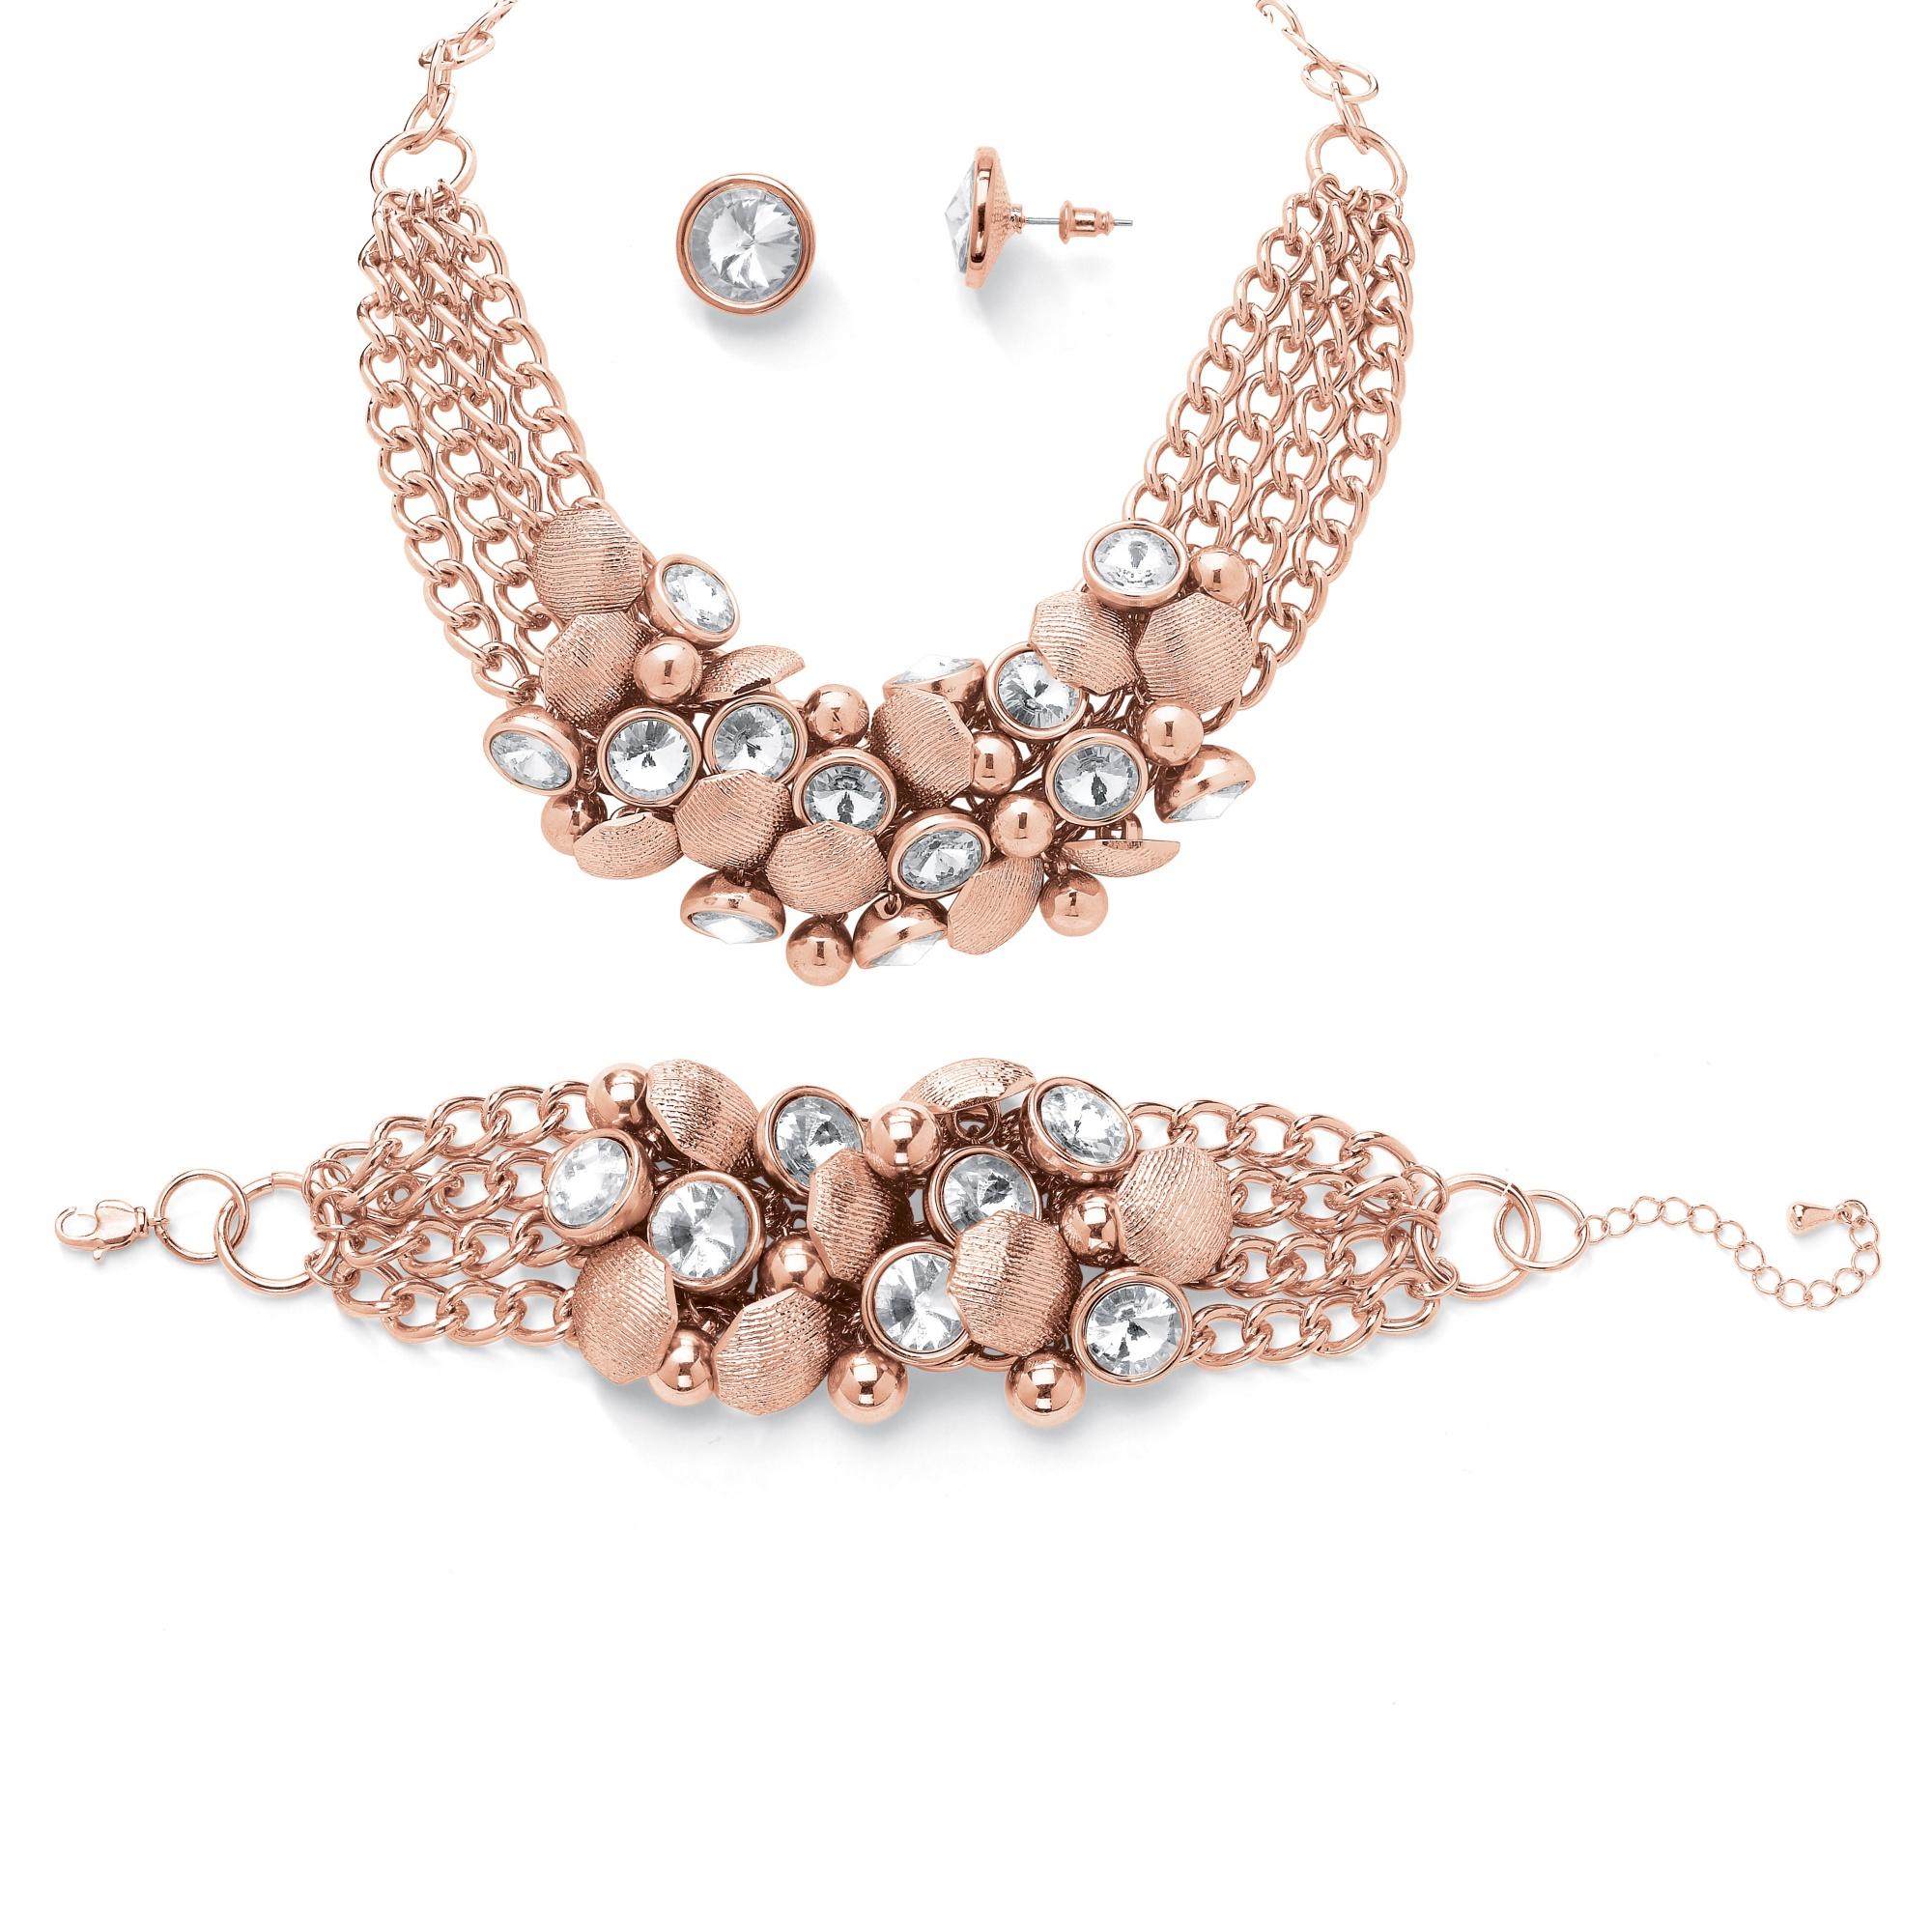 bezel set crystal rose gold plated collar necklace. Black Bedroom Furniture Sets. Home Design Ideas